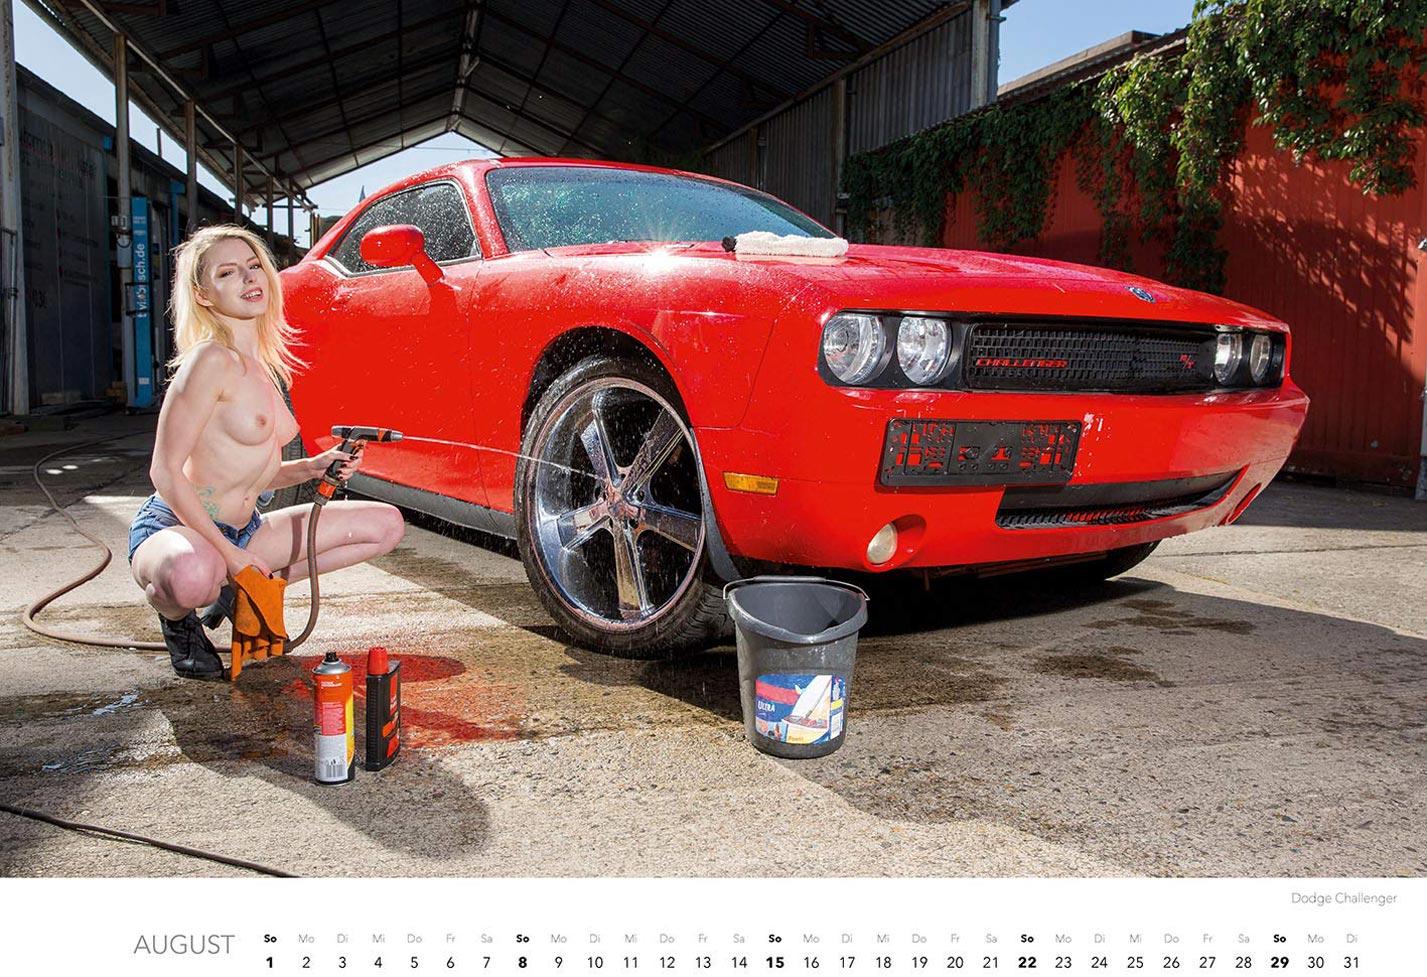 Эротический календарь с сексуальными полуголыми девушками, моющими машины / август